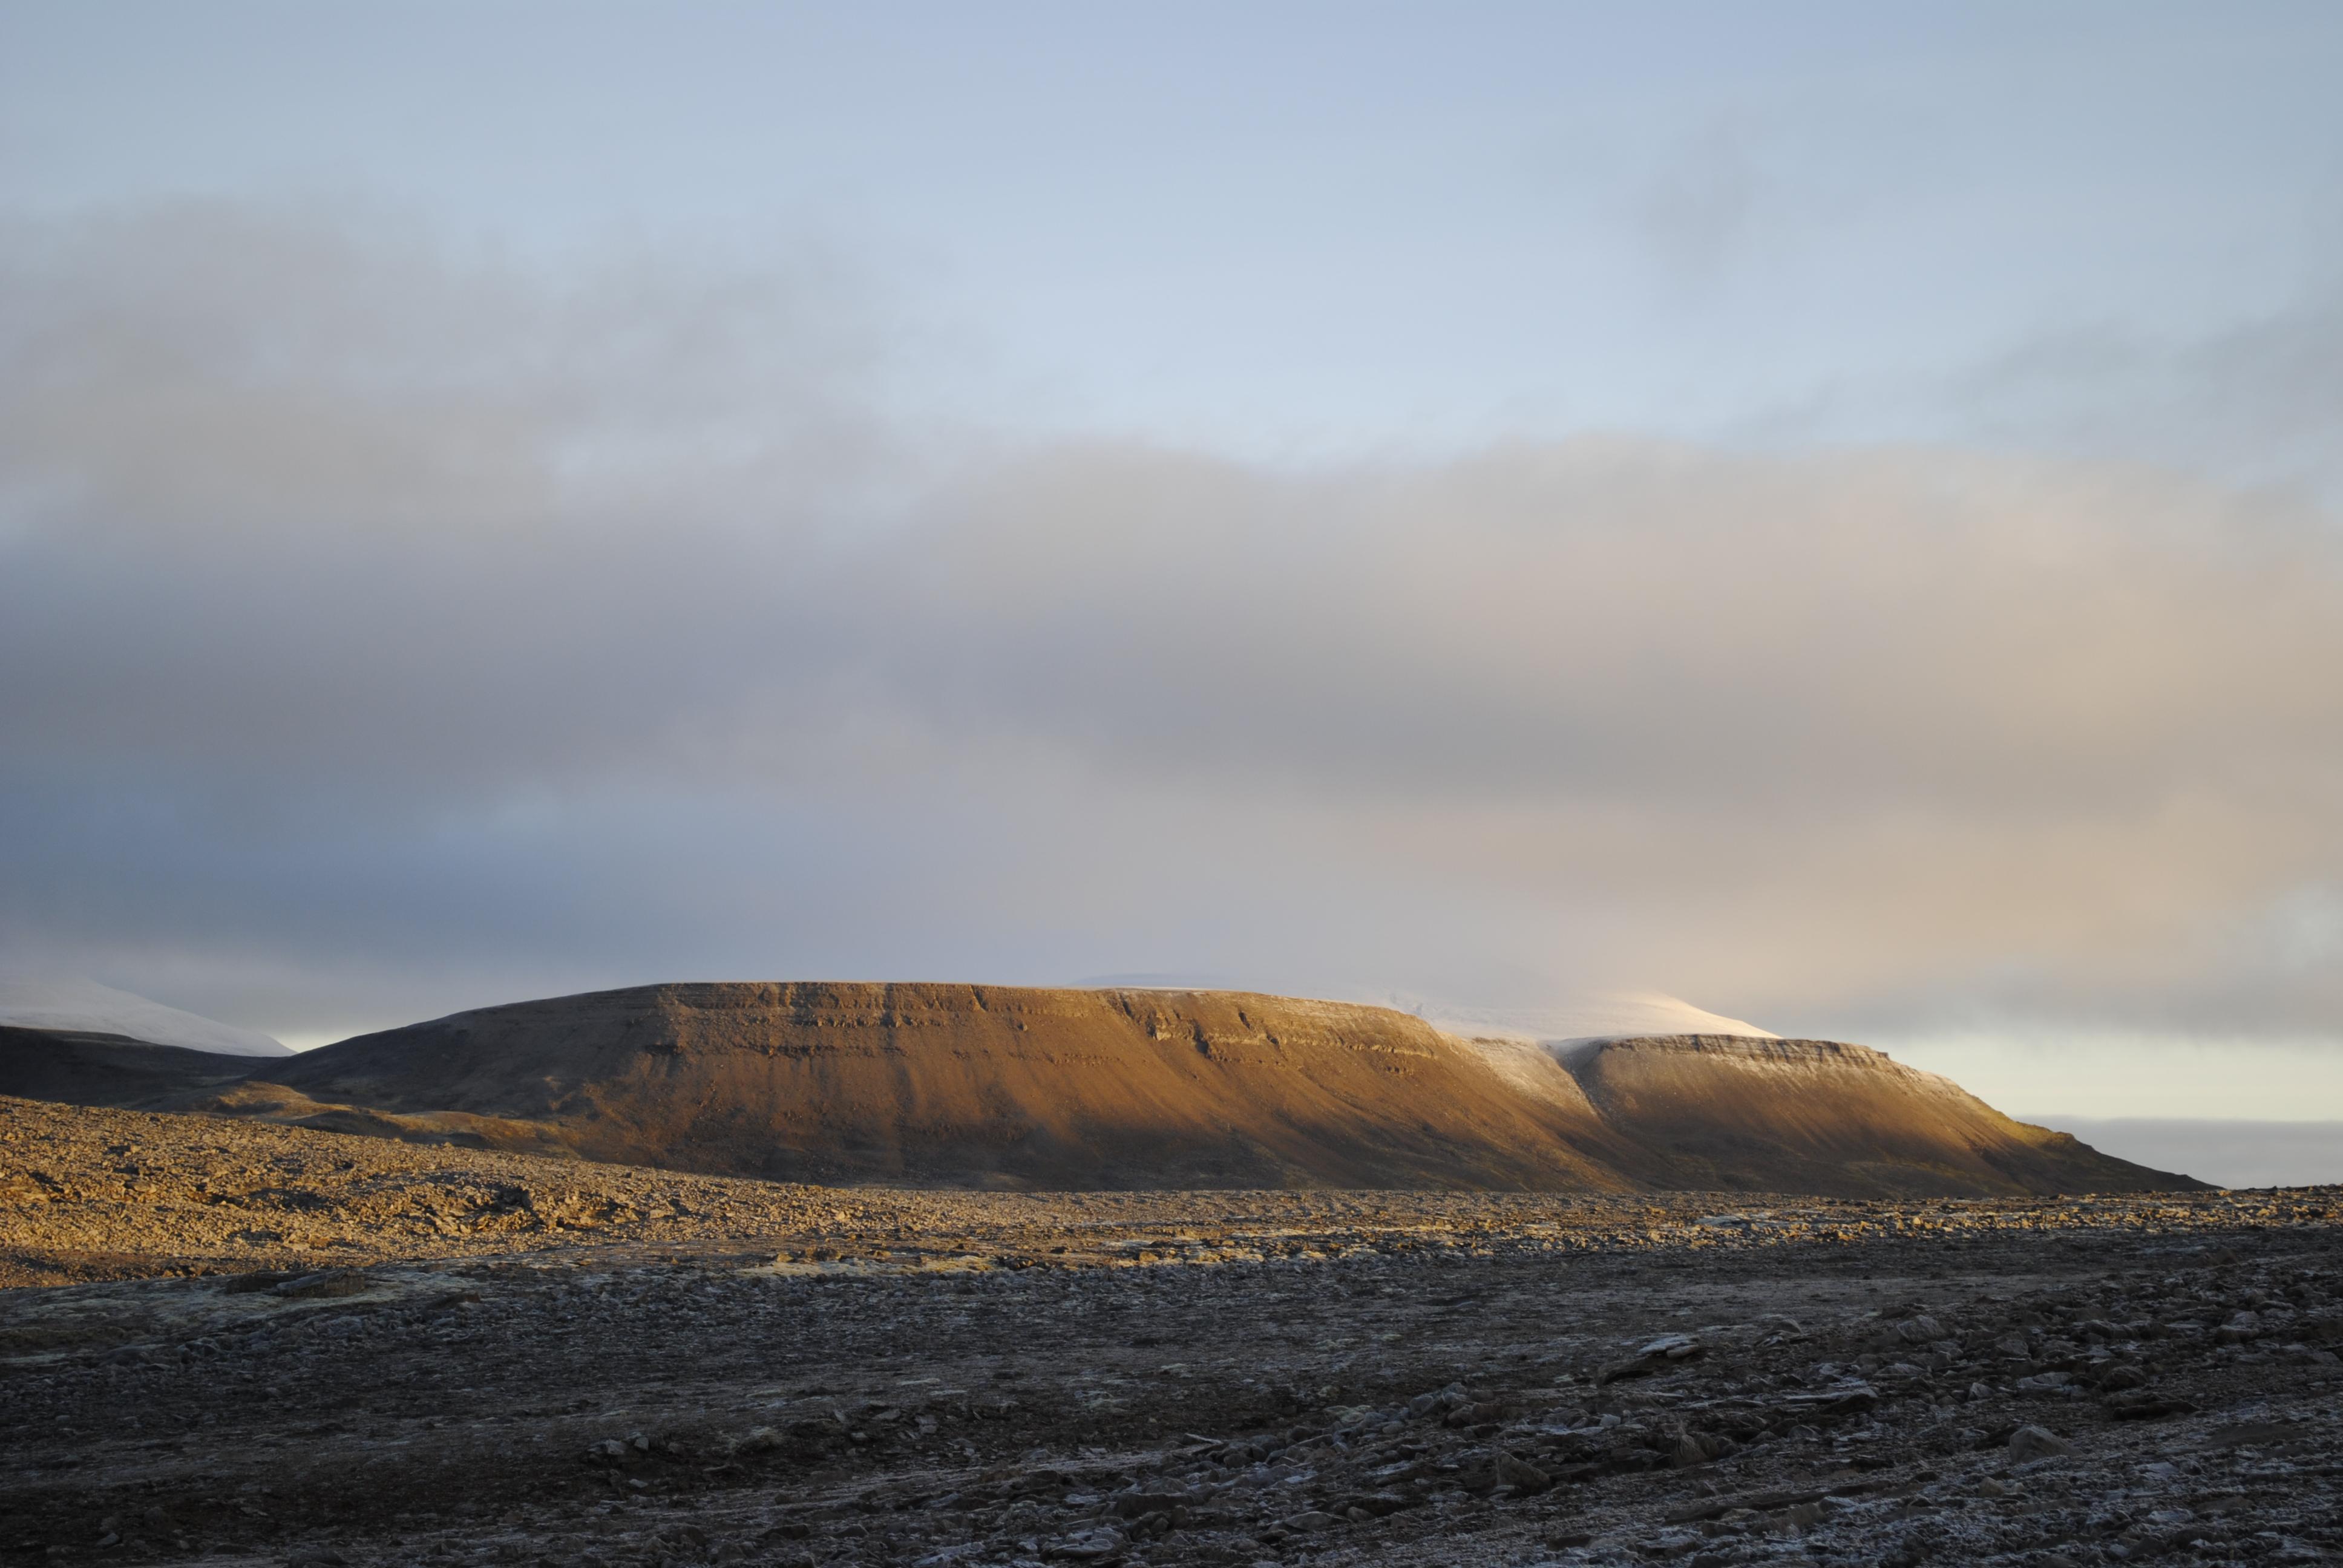 Utsikt fra midten av øya og mot Miseryfjella. Mye stein!